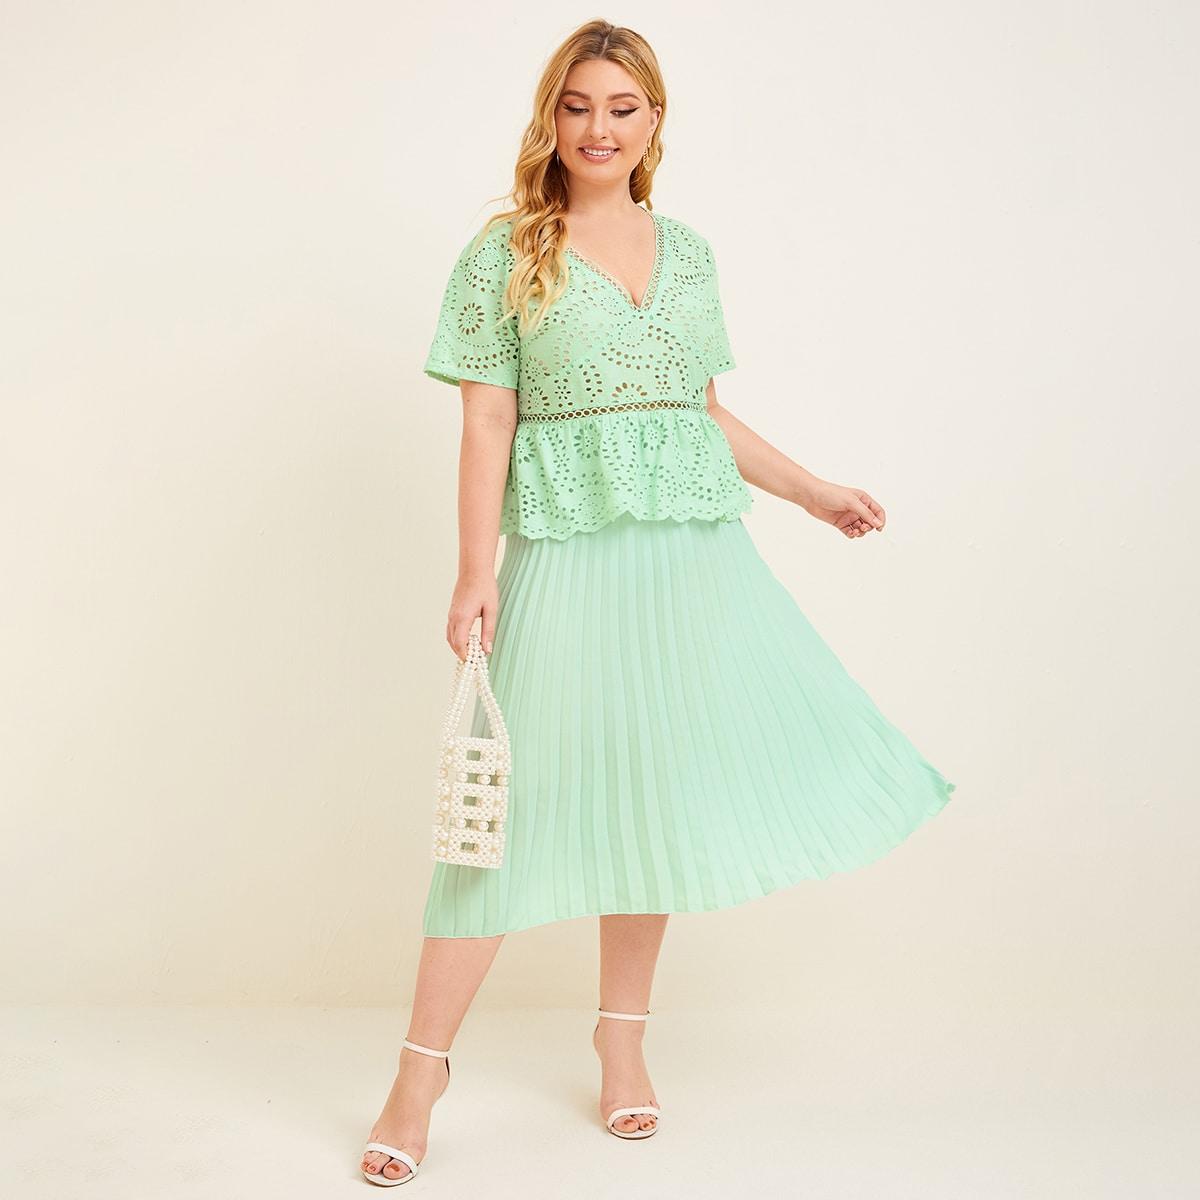 Плиссированная юбка и топ размера плюс с кружевной вставкой